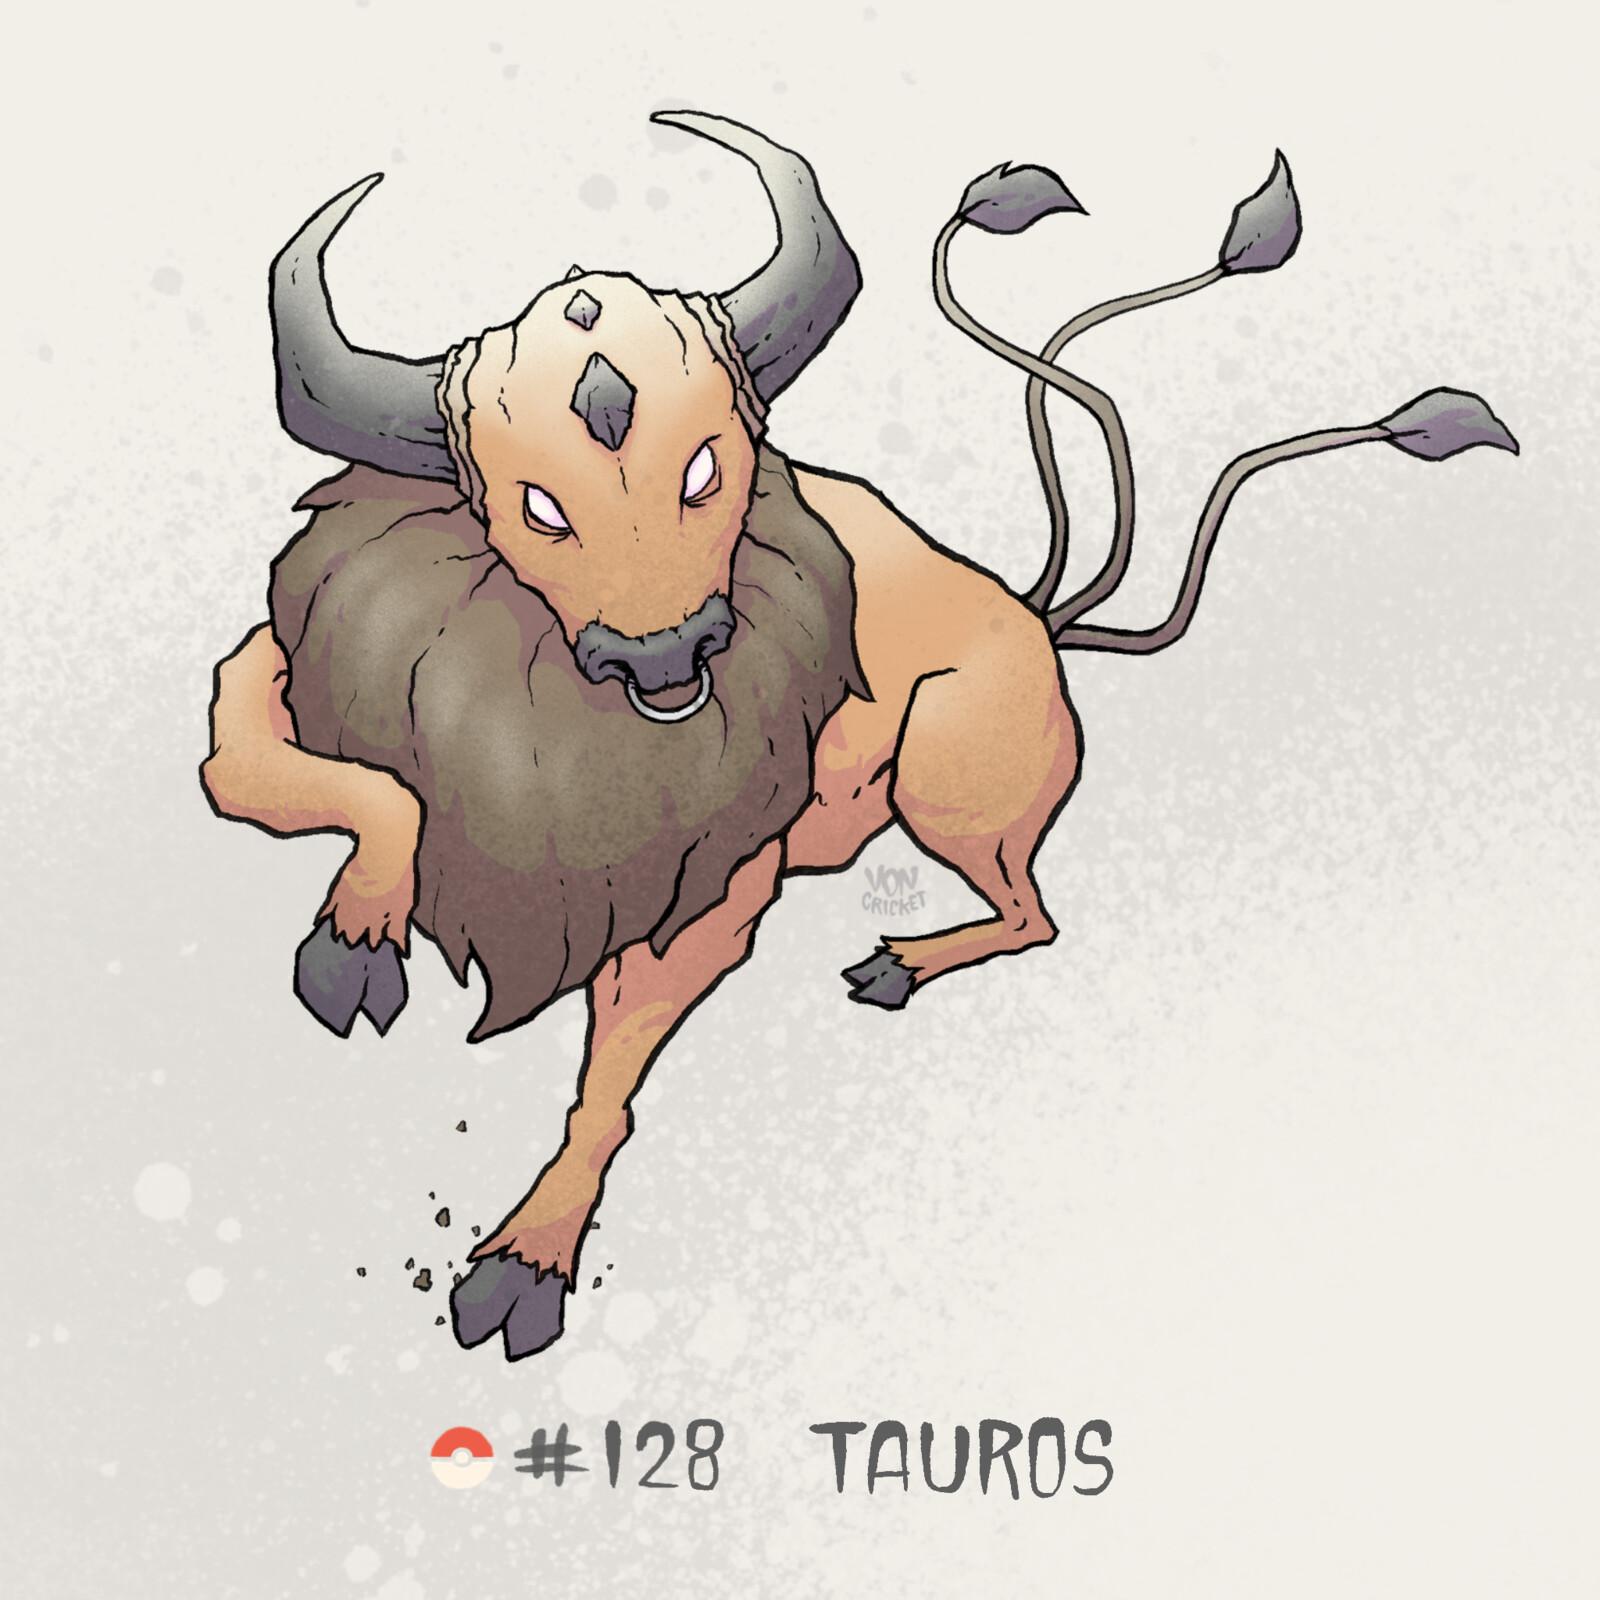 #128 Tauros